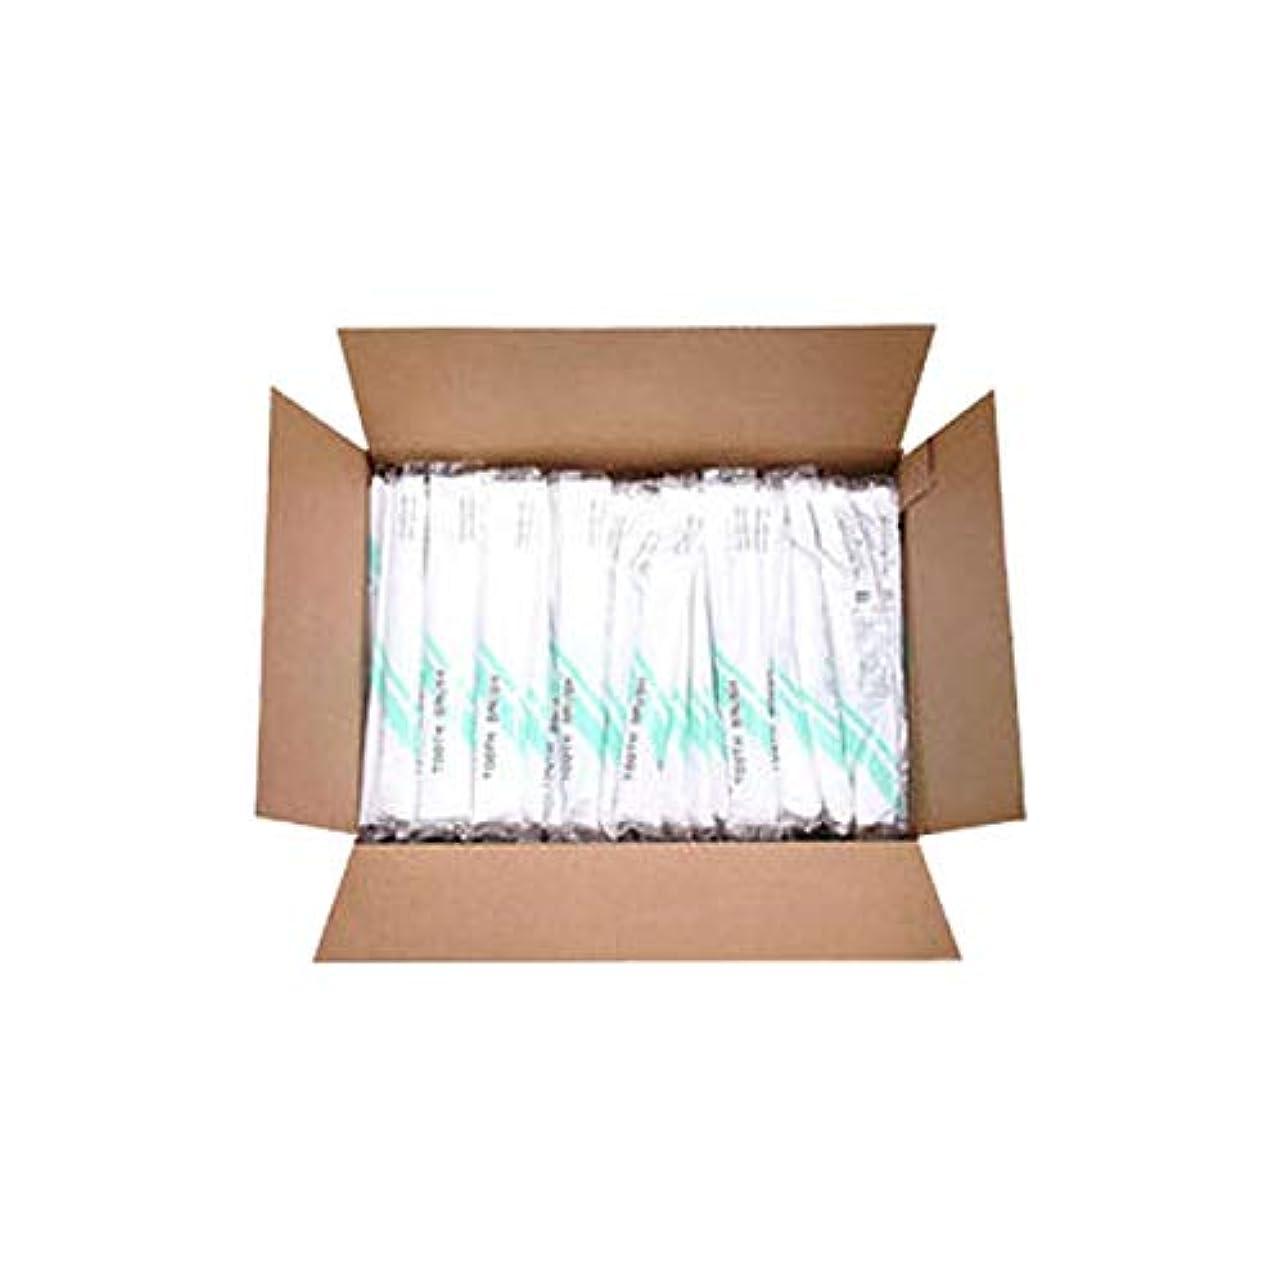 使い捨て歯ブラシ (歯磨き粉付) 500本入 [ 使い捨て 使い切り 歯ブラシ 歯ぶらし オーラルケア アメニティ ホテル 旅館 業務用 ]